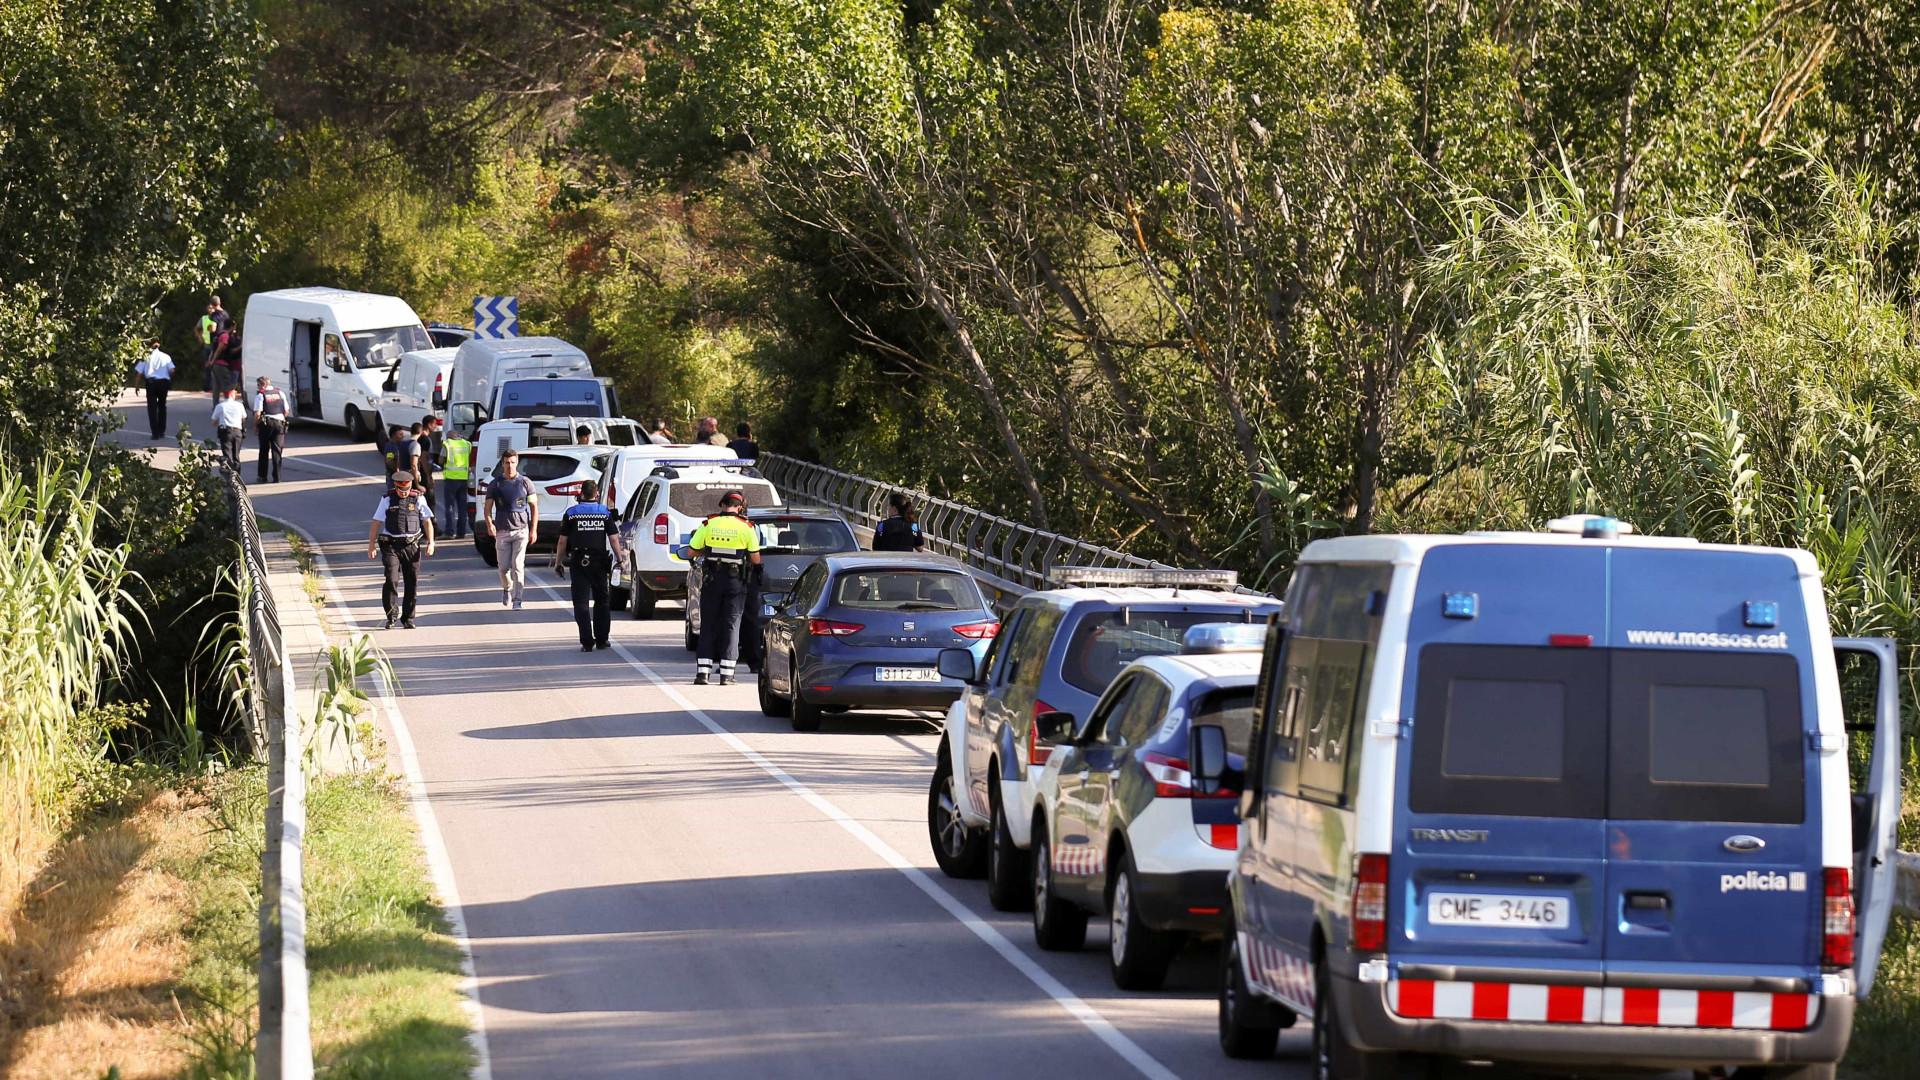 Polícia catalã investiga se terrorista ia acompanhado